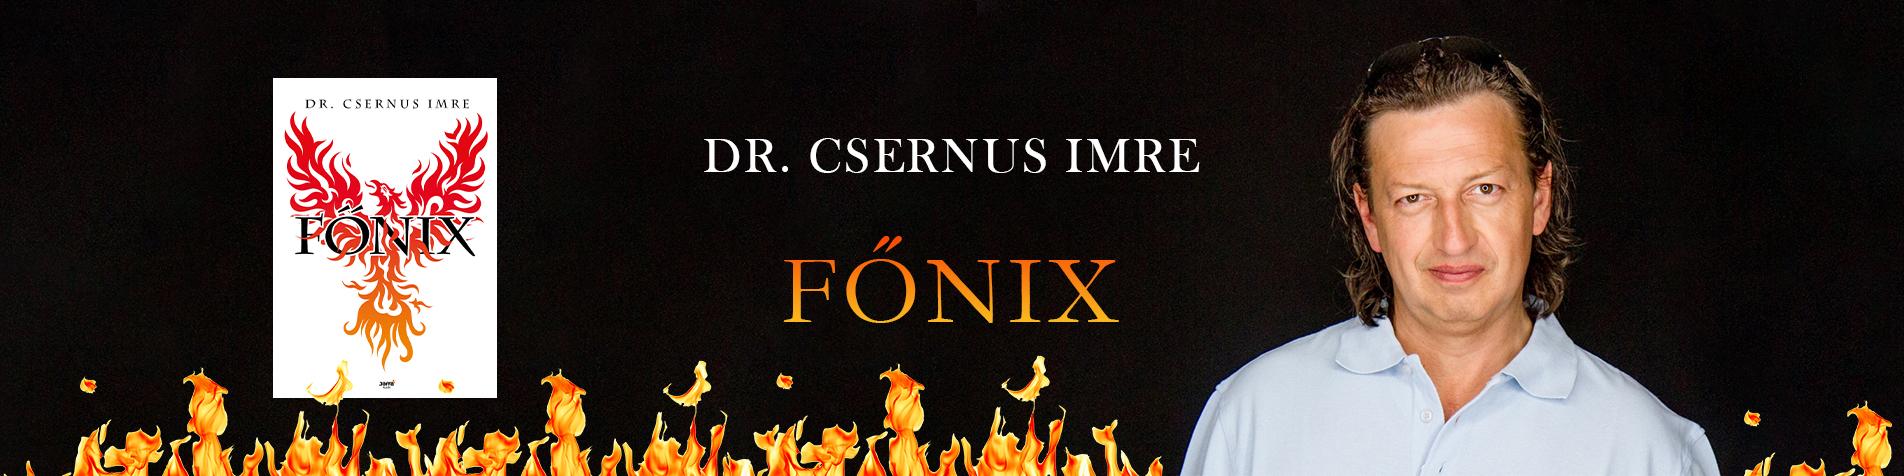 Főnix - könyv